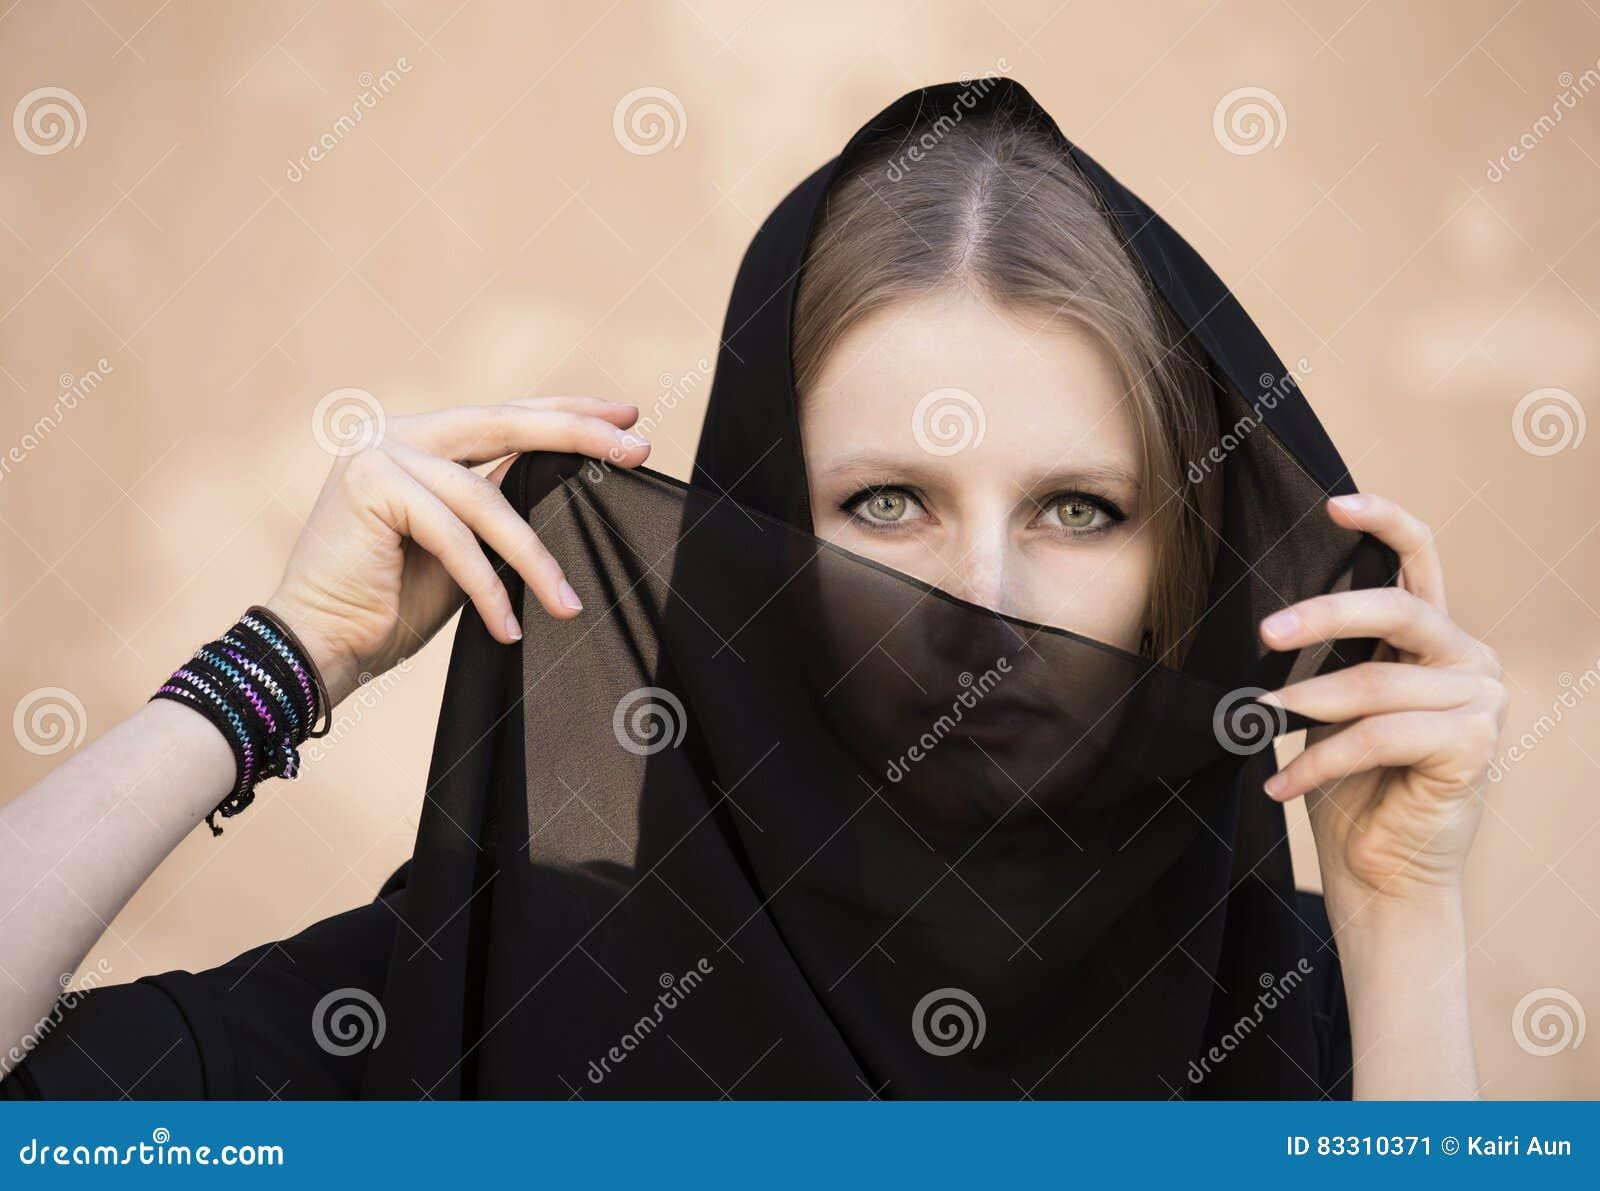 Junge Frau kleidete in traditionellem emirati Kleid in einer Wüste an